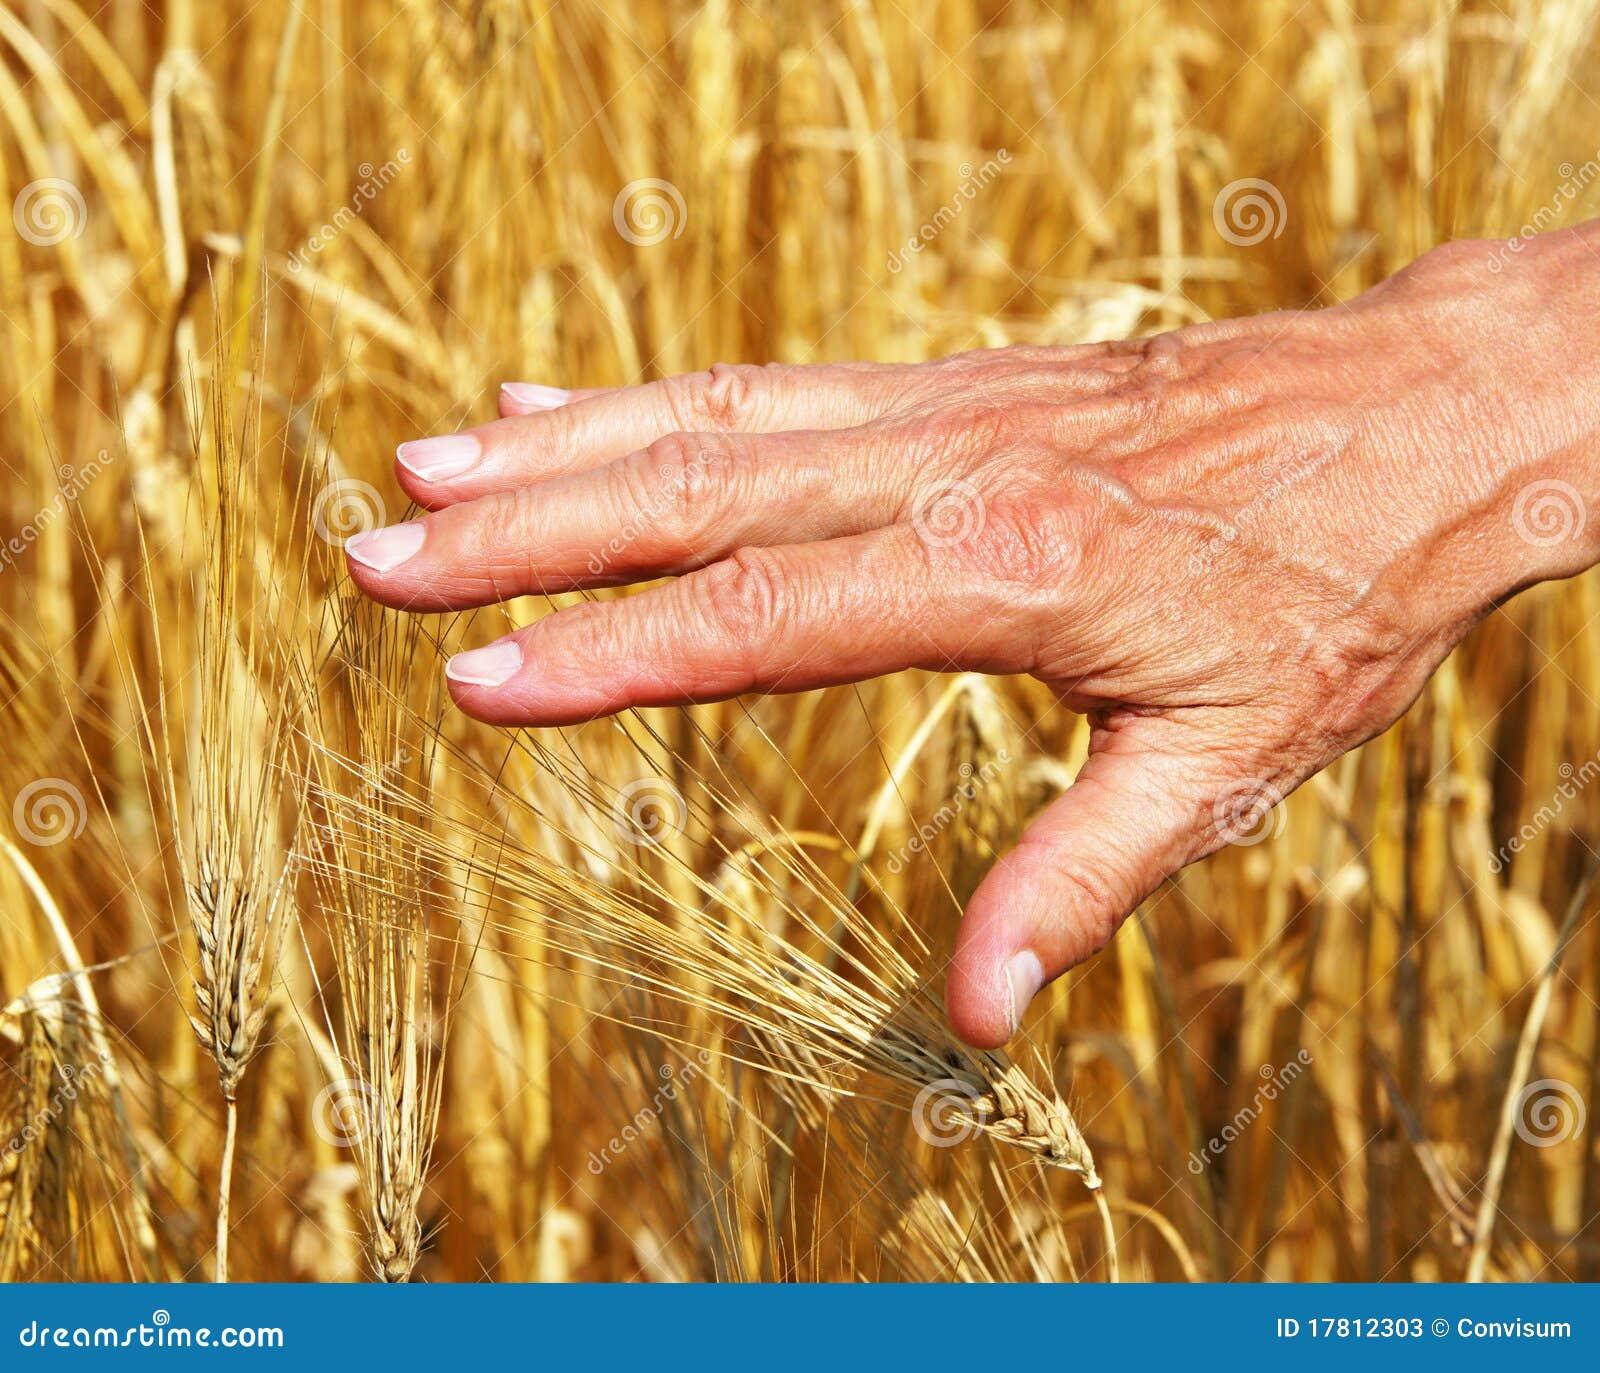 beginning farmer business plan